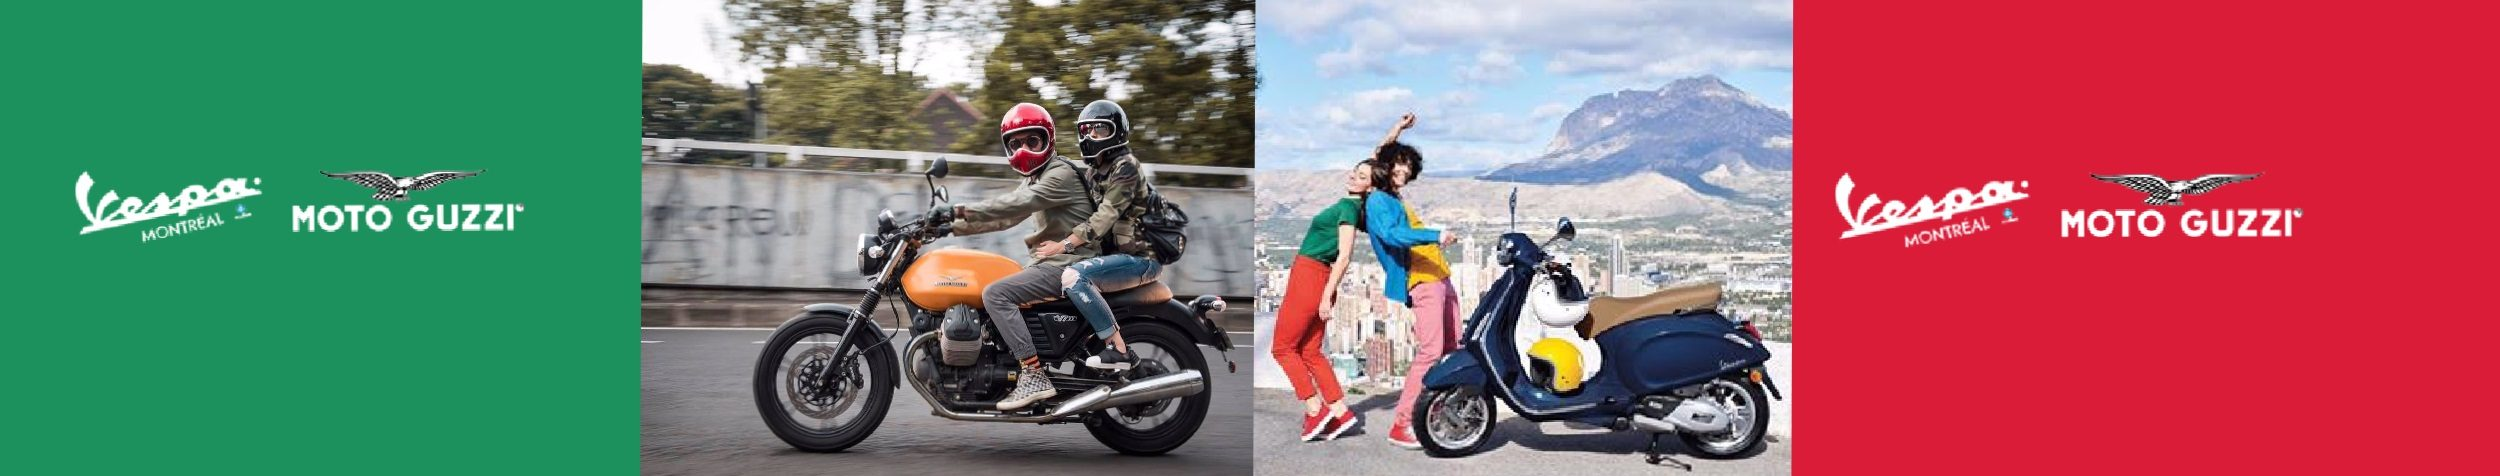 Vespa Montréal et Moto Guzzi